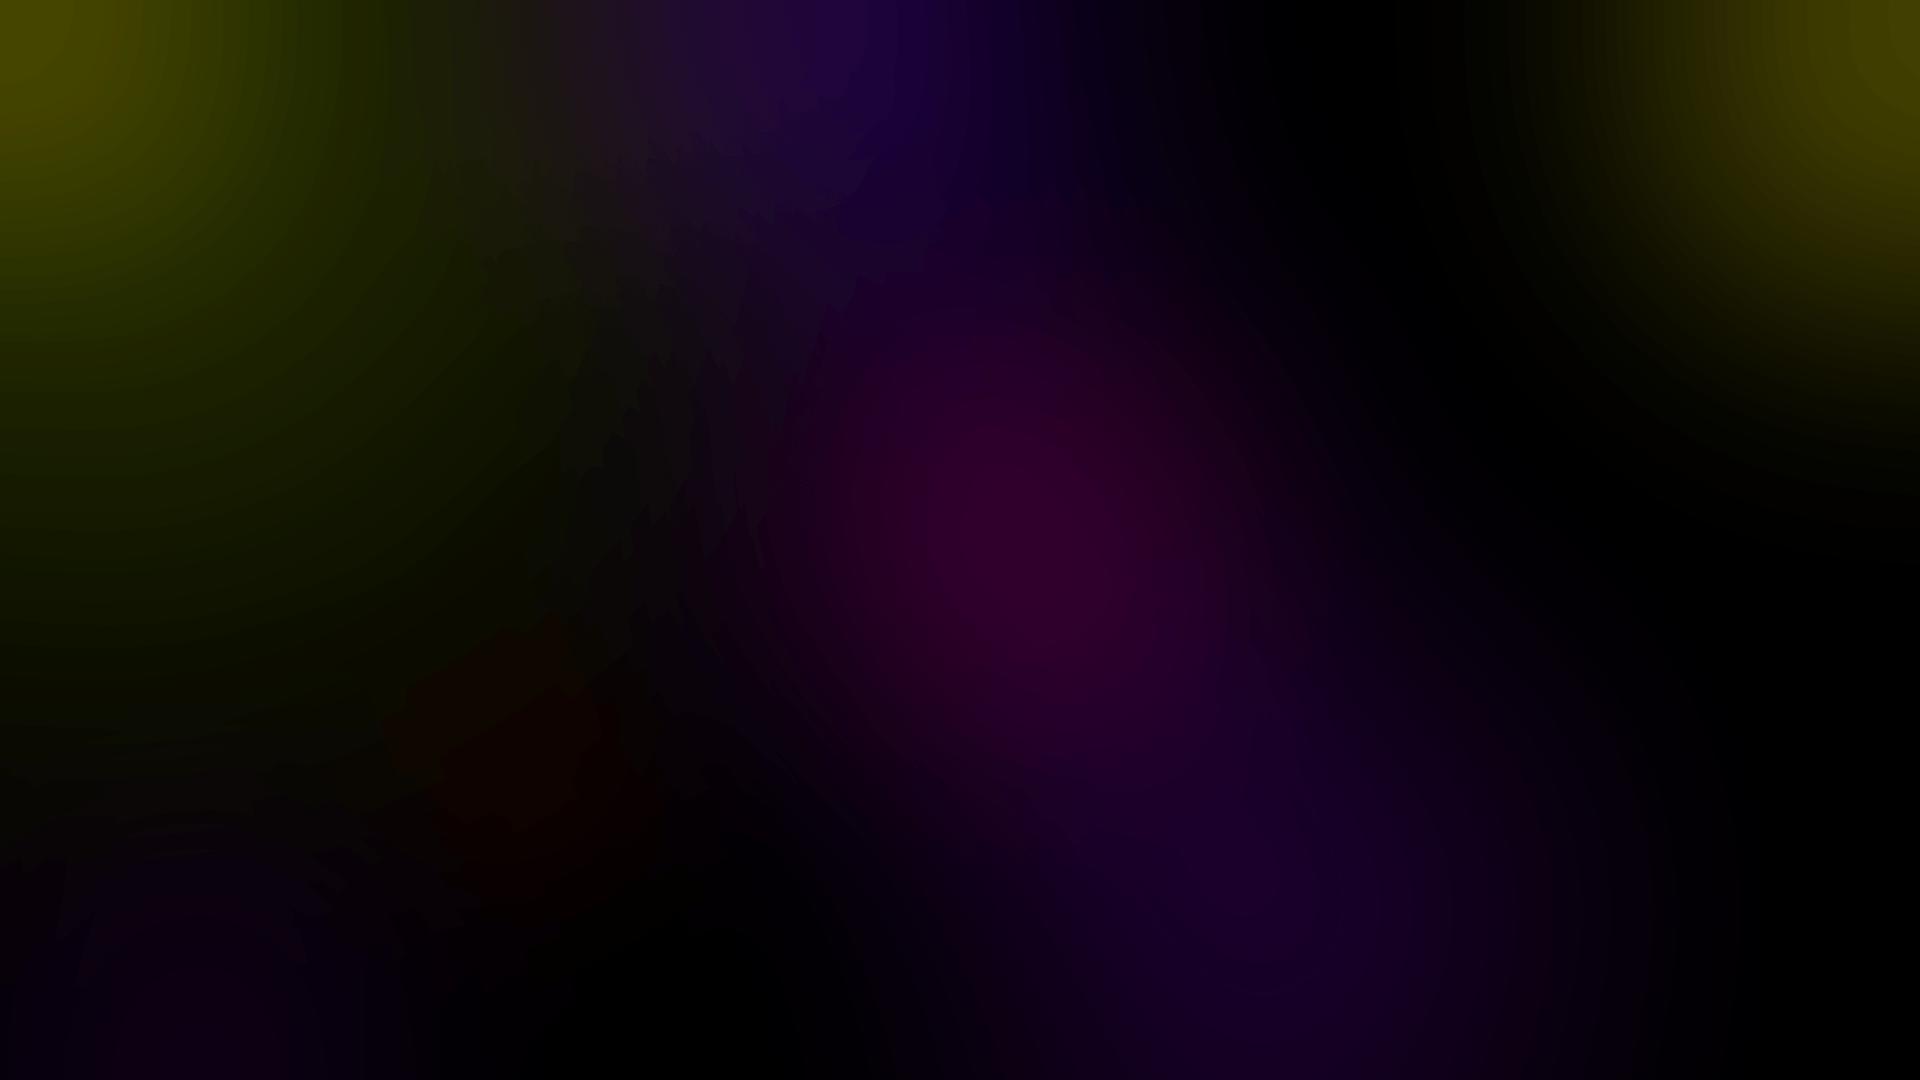 on black background - photo #13